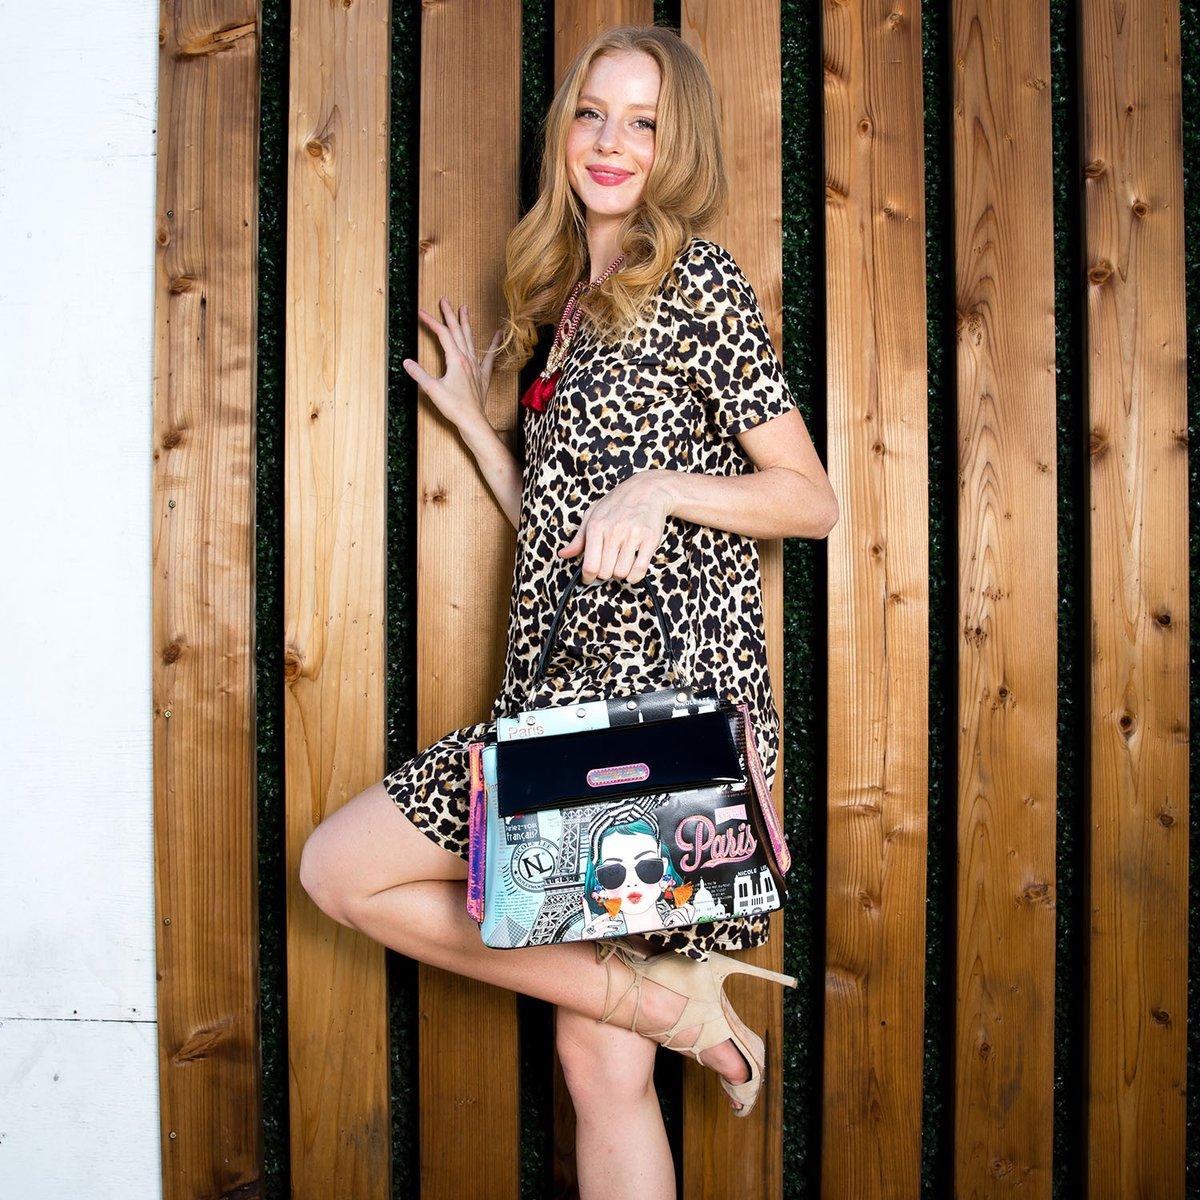 Nicole Lee, Torebka damska, Xoxo From Paris, czarno niebieska, 24x26x14 cm